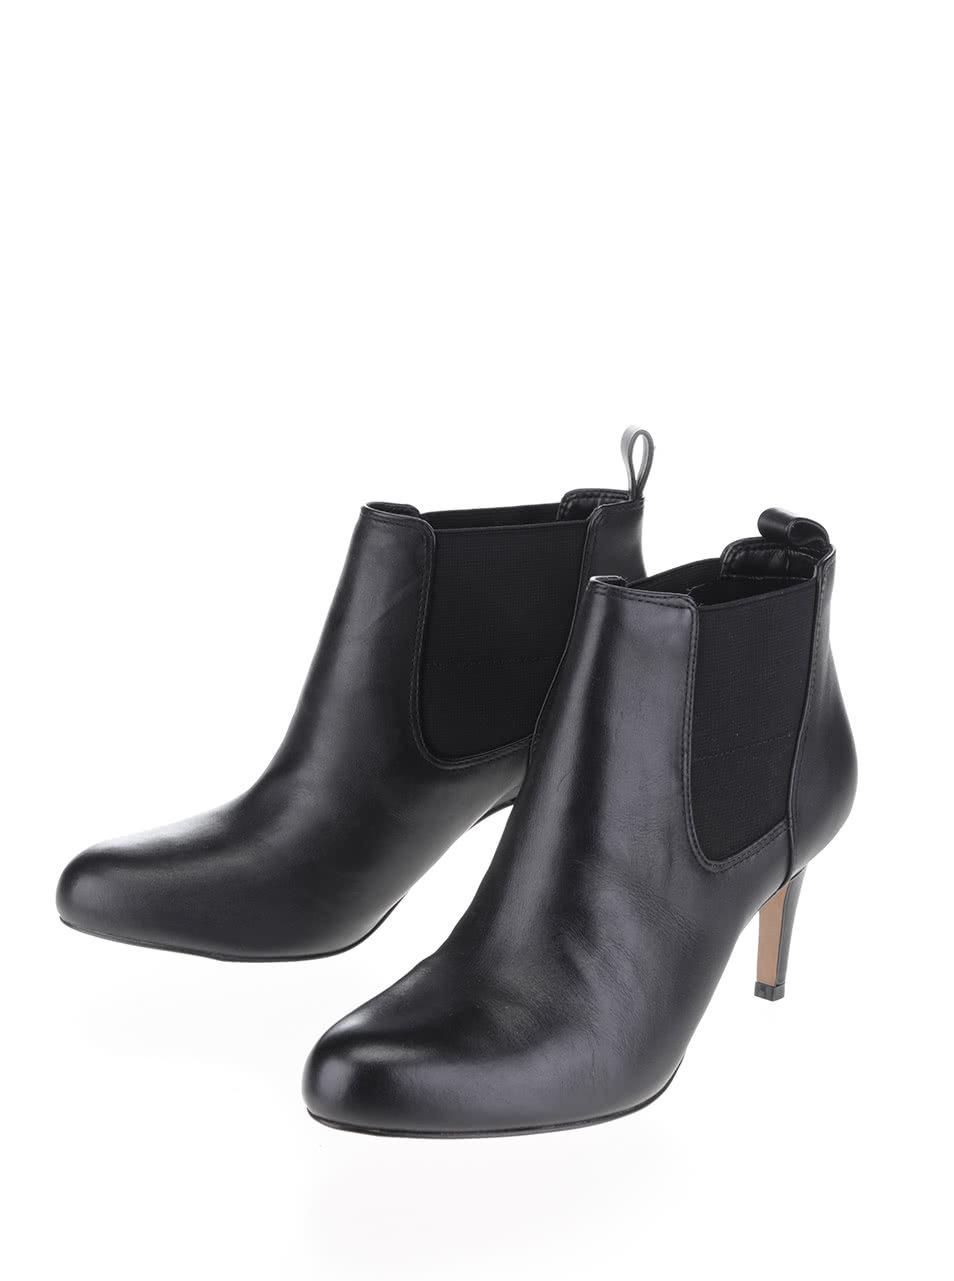 912bbb6afc Čierne dámske kožené členkové topánky Clarks Carlita ...